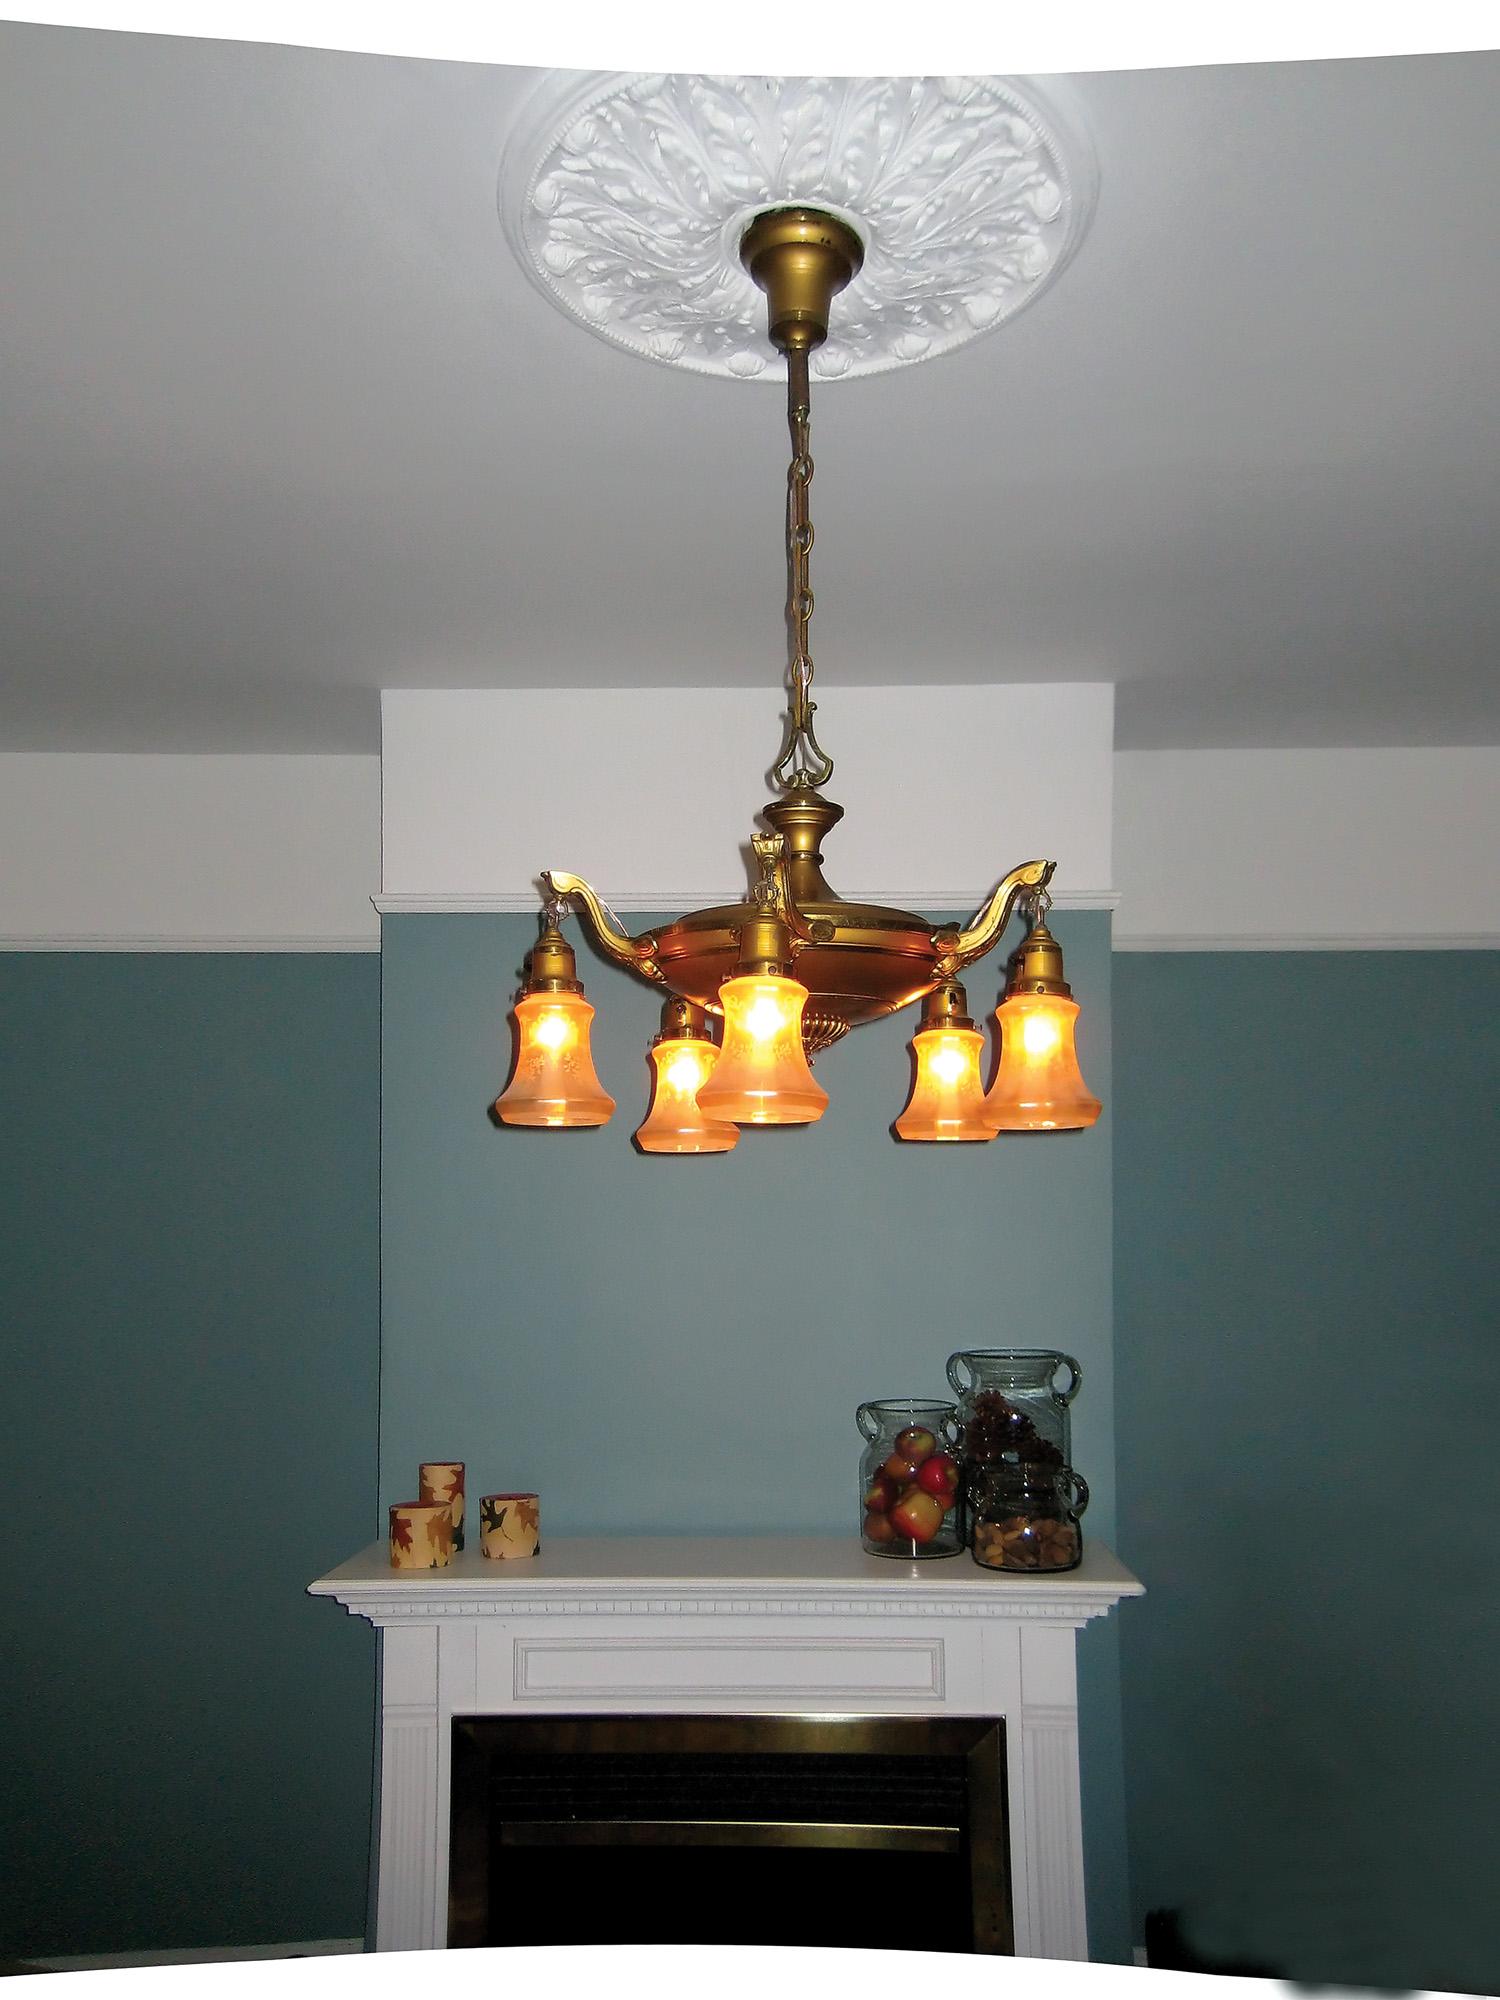 Vanity Lights Flickering : Flickering Light Fixture - Quot Balafire Flicker Quot Carbon Fillament Light Bulb 15 Watt ...